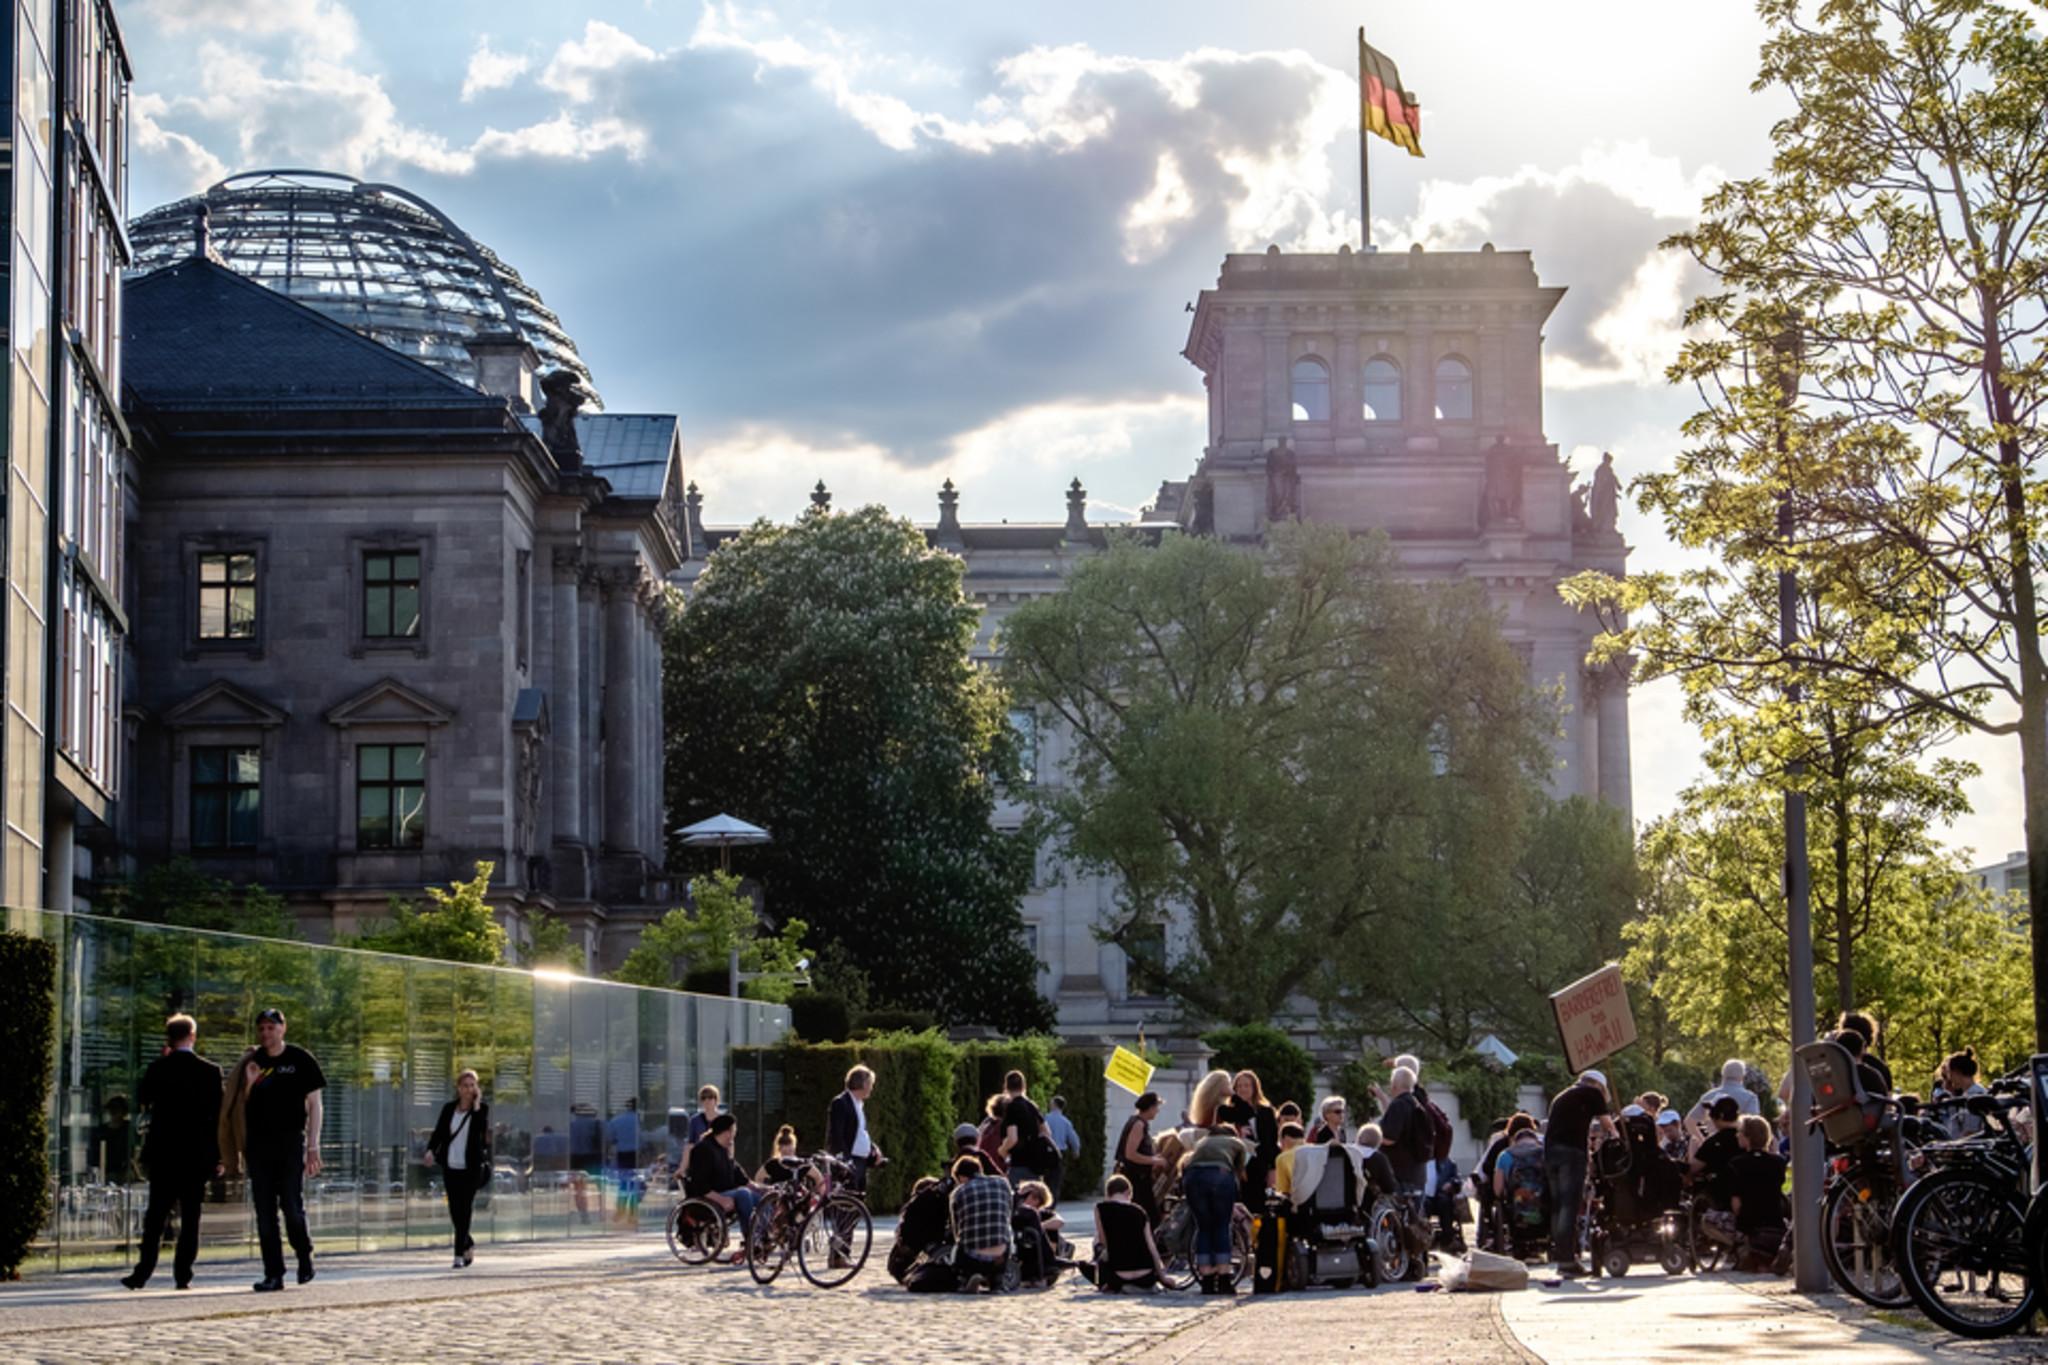 Blick auf den Reichstag in Berlin bei Sonnenschein. Davor stehen mehrere Menschen und demonstrieren.